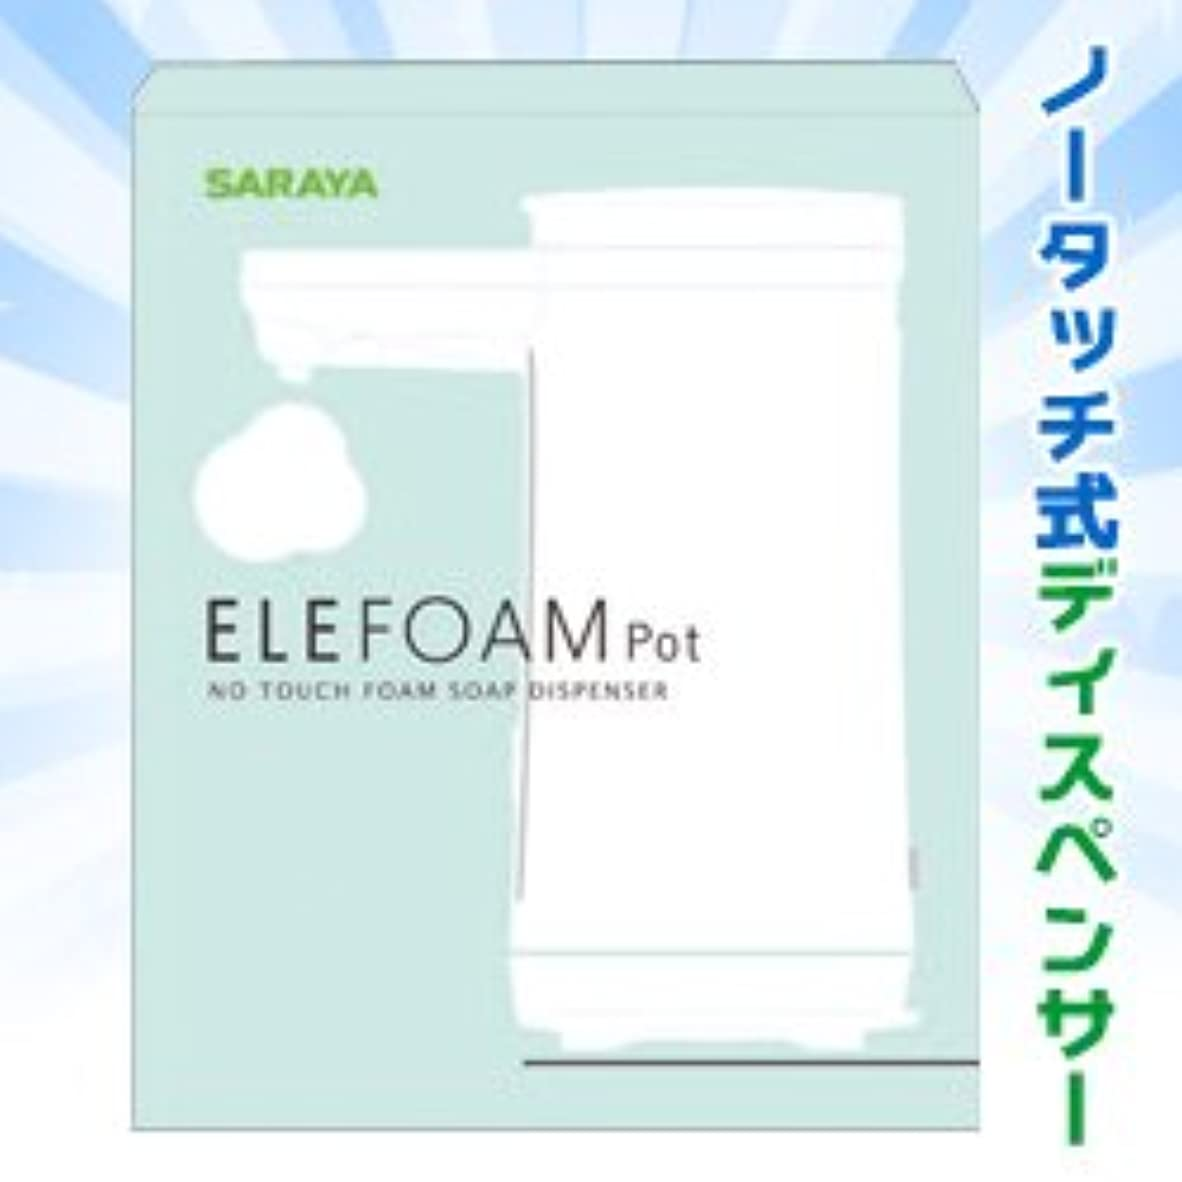 処理シャベル肥沃な【サラヤ】 ノータッチ式ディスペンサー エレフォームポット ×10個セット